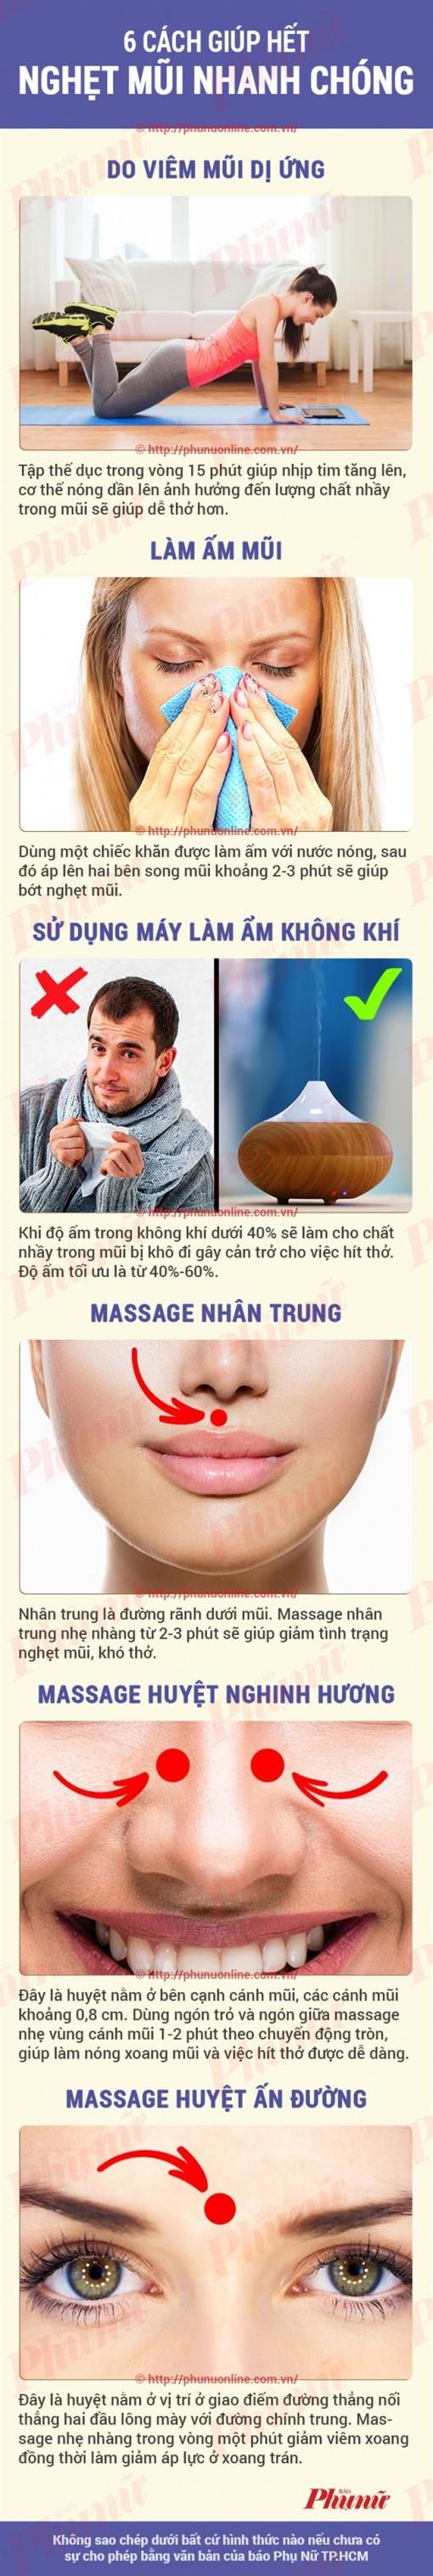 6 cách giúp hết nghẹt mũi nhanh chóng